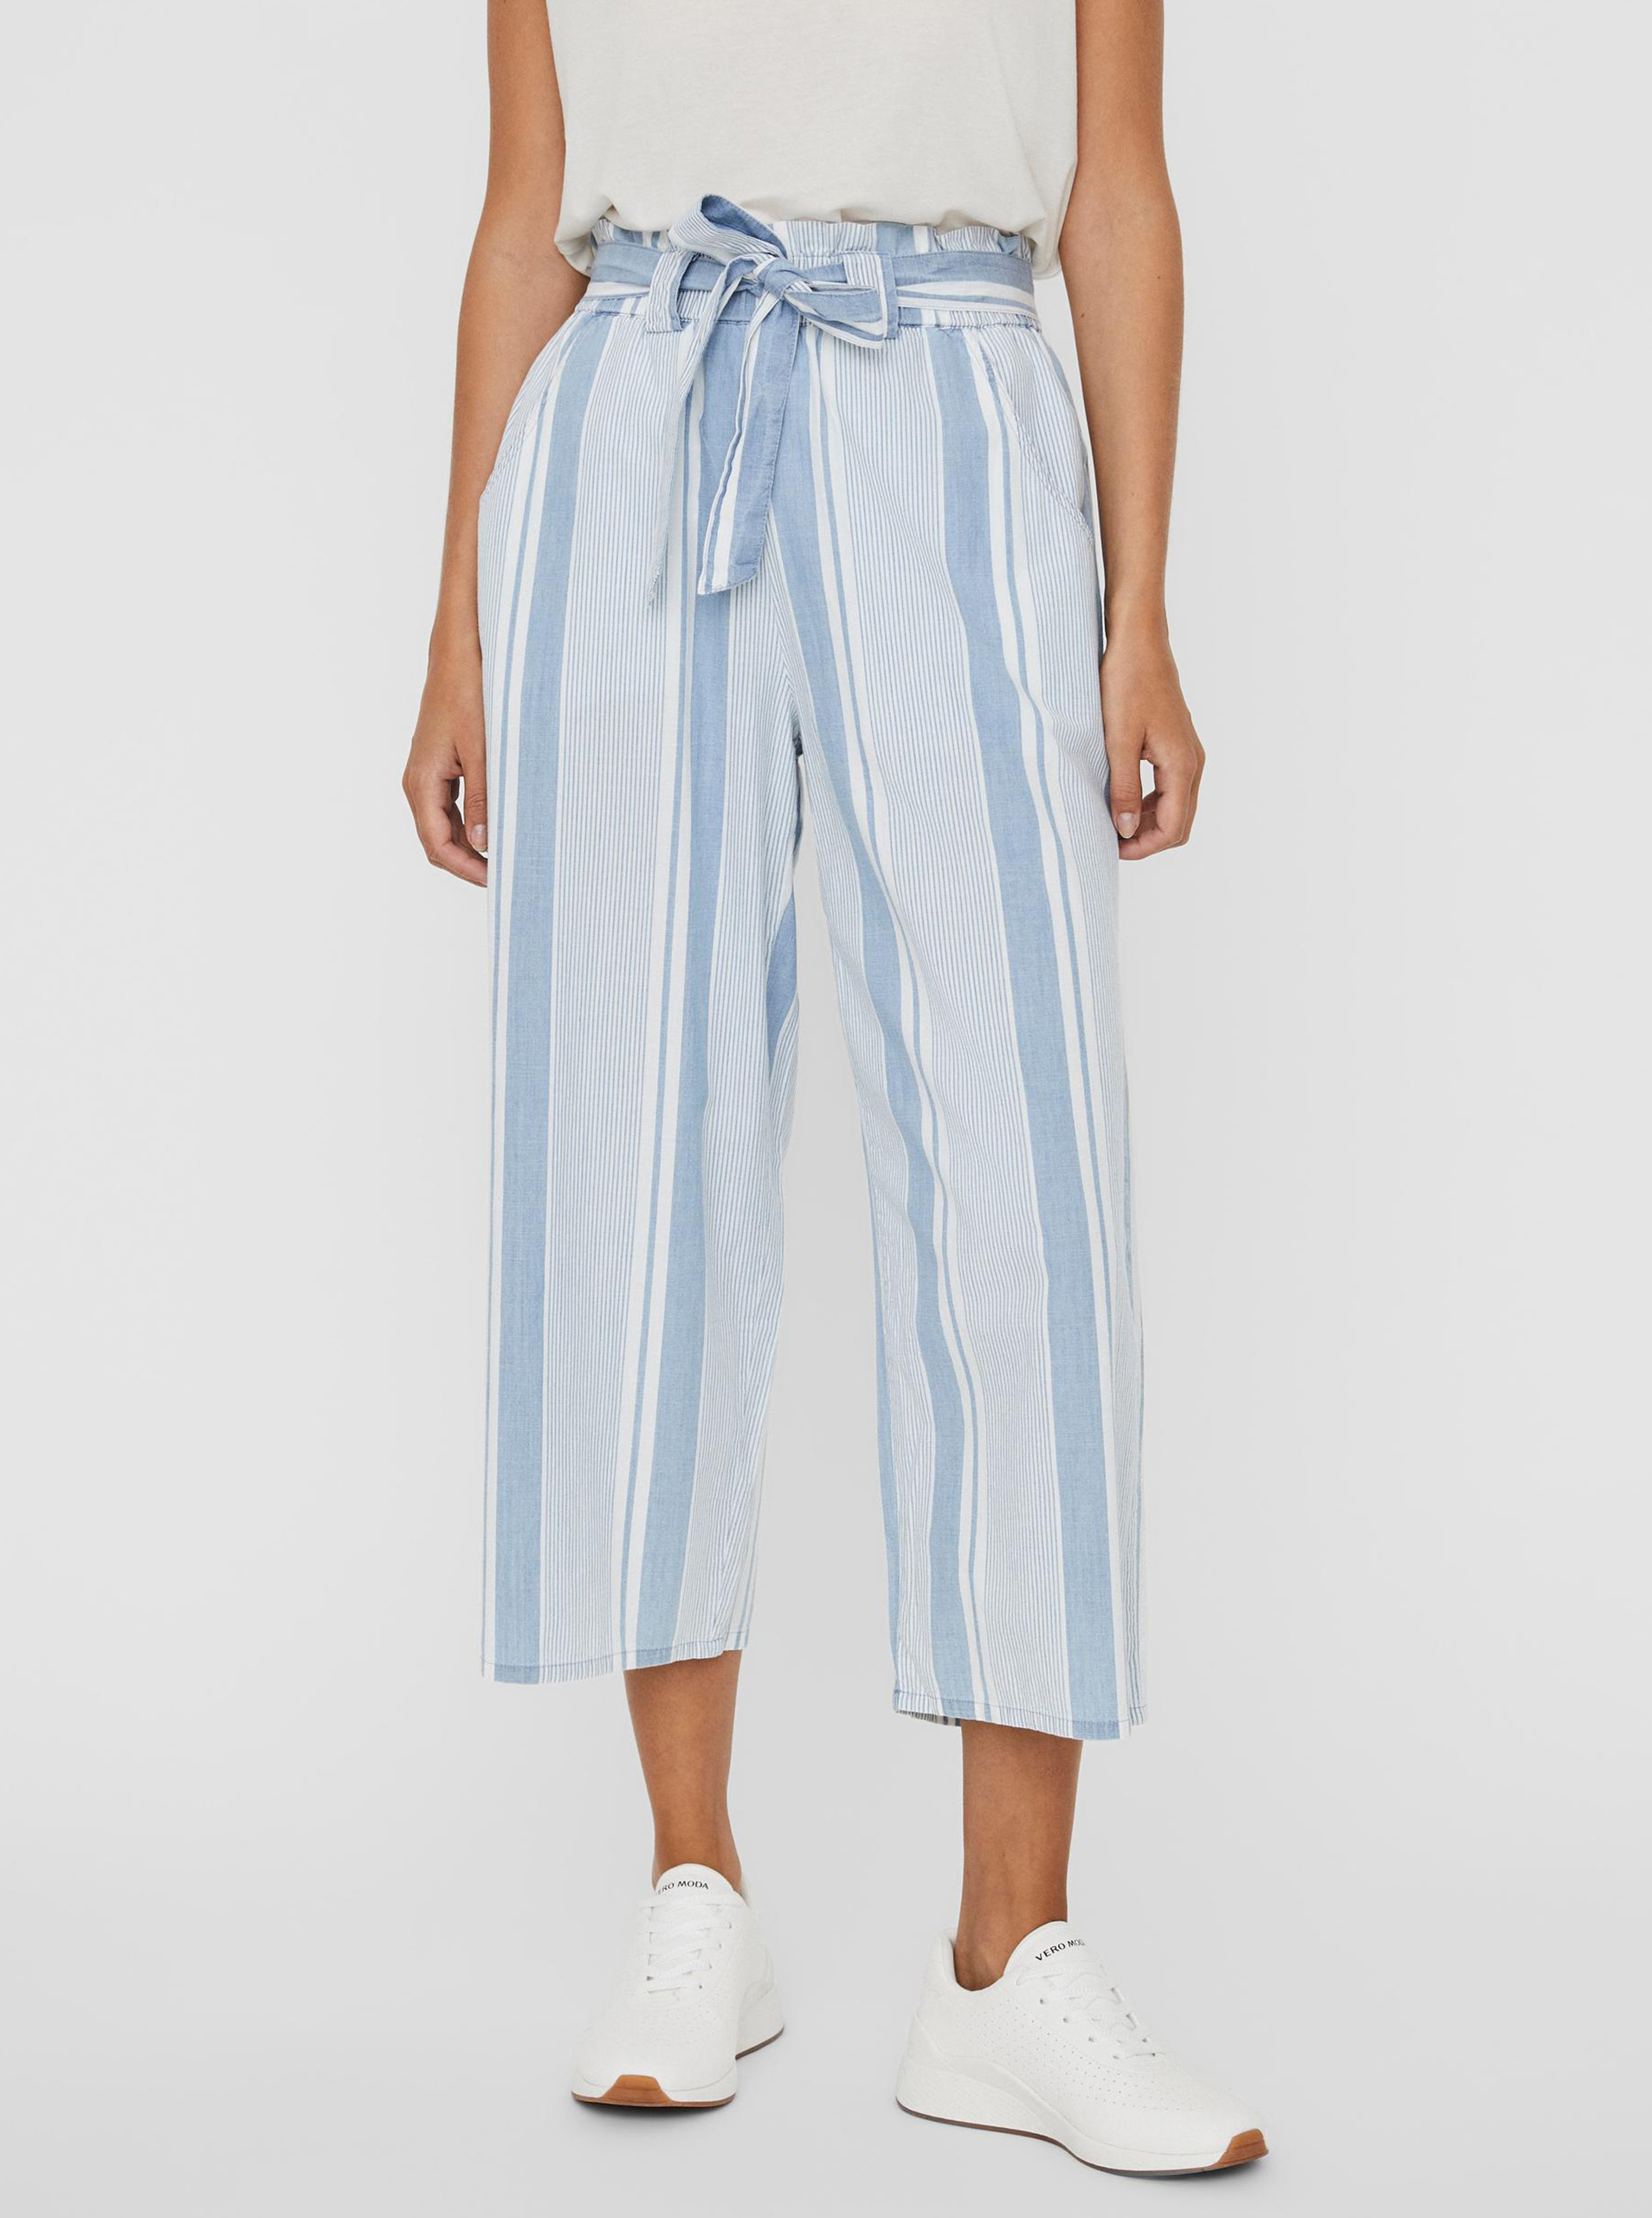 Vero Moda modré cullotes nohavice Akela - XS